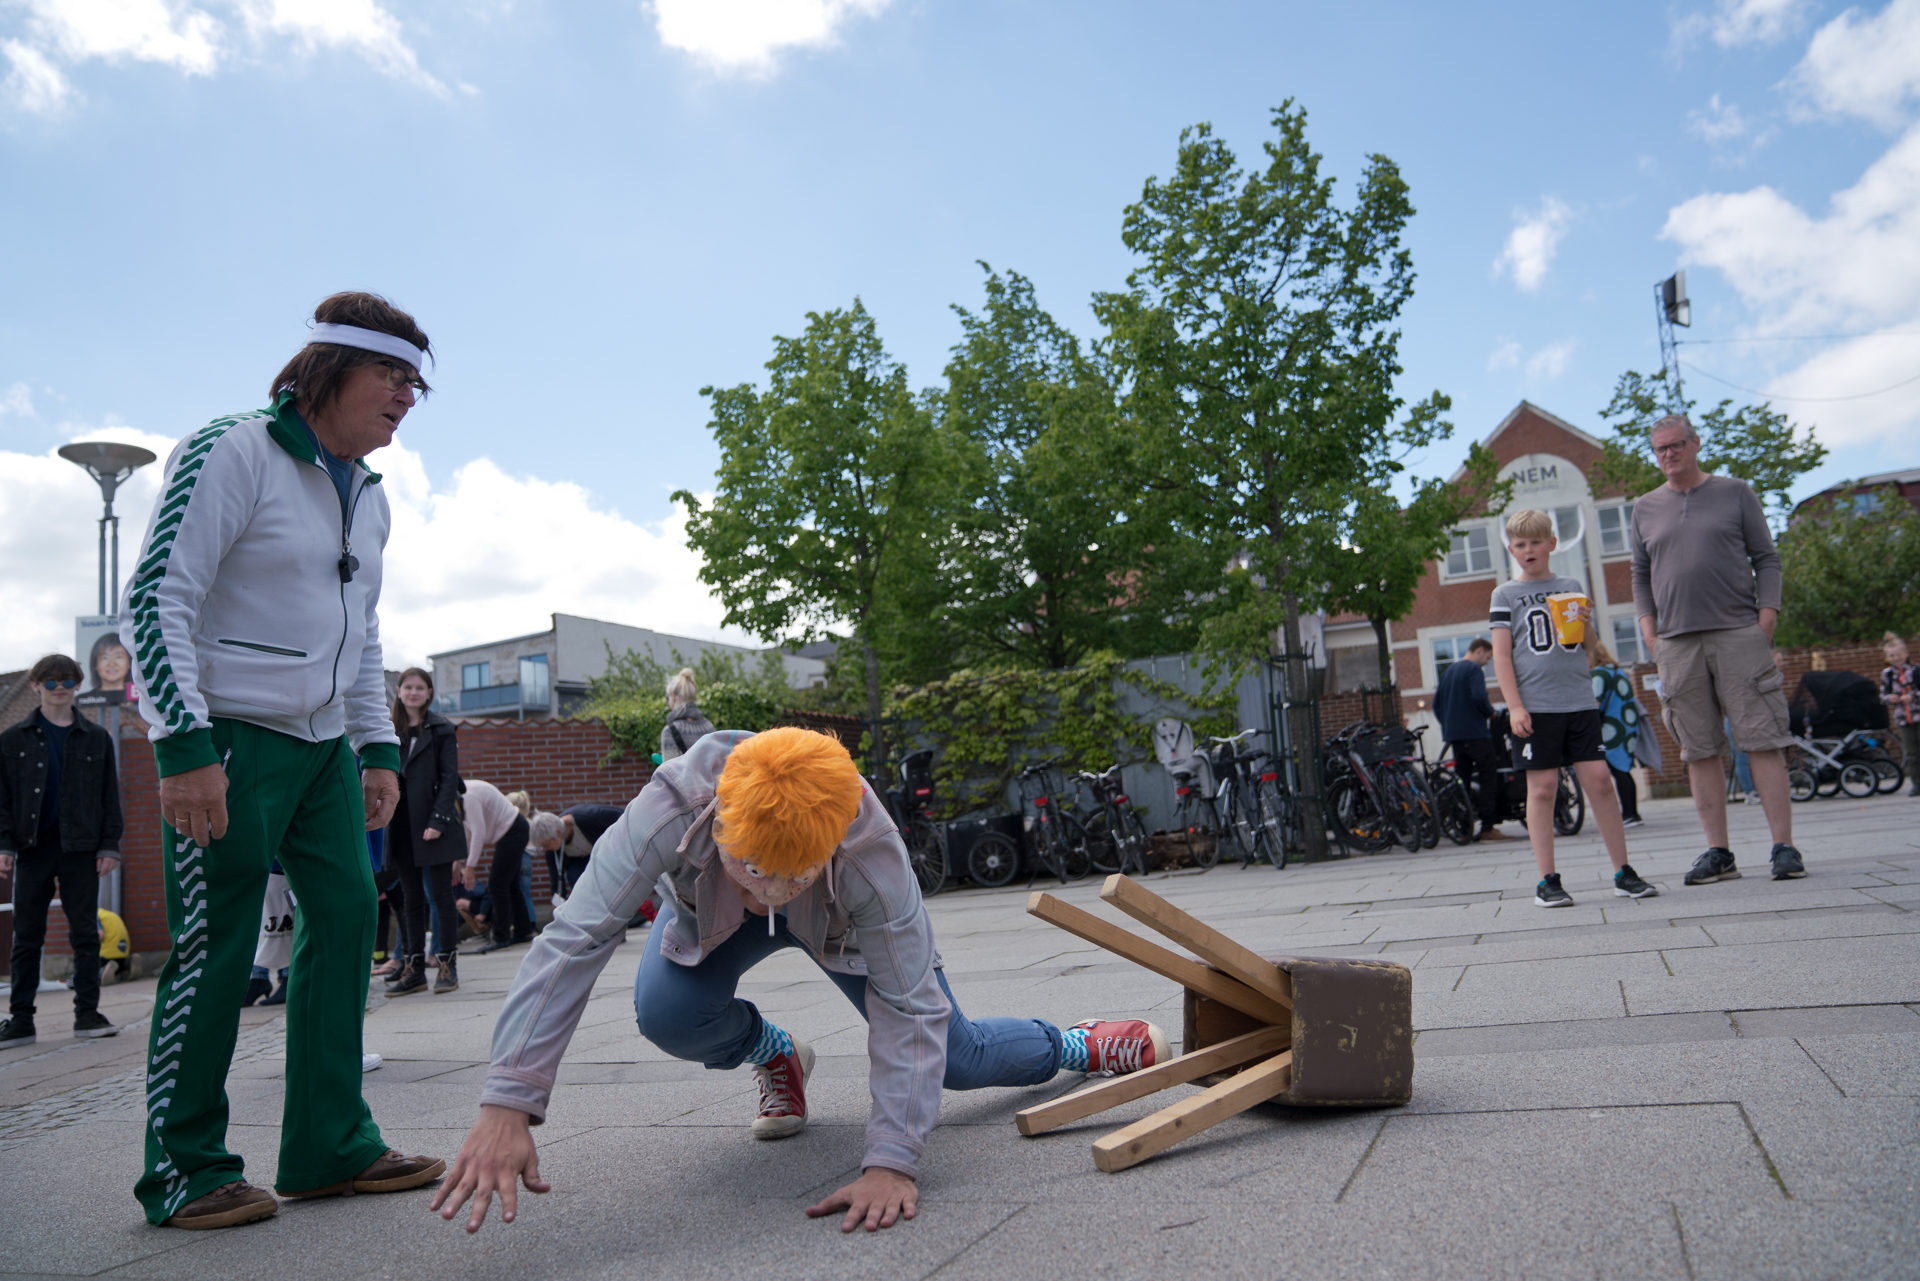 Sløngeldage lørdag - web - Fotograf Per Bille-20190525-00458.jpg